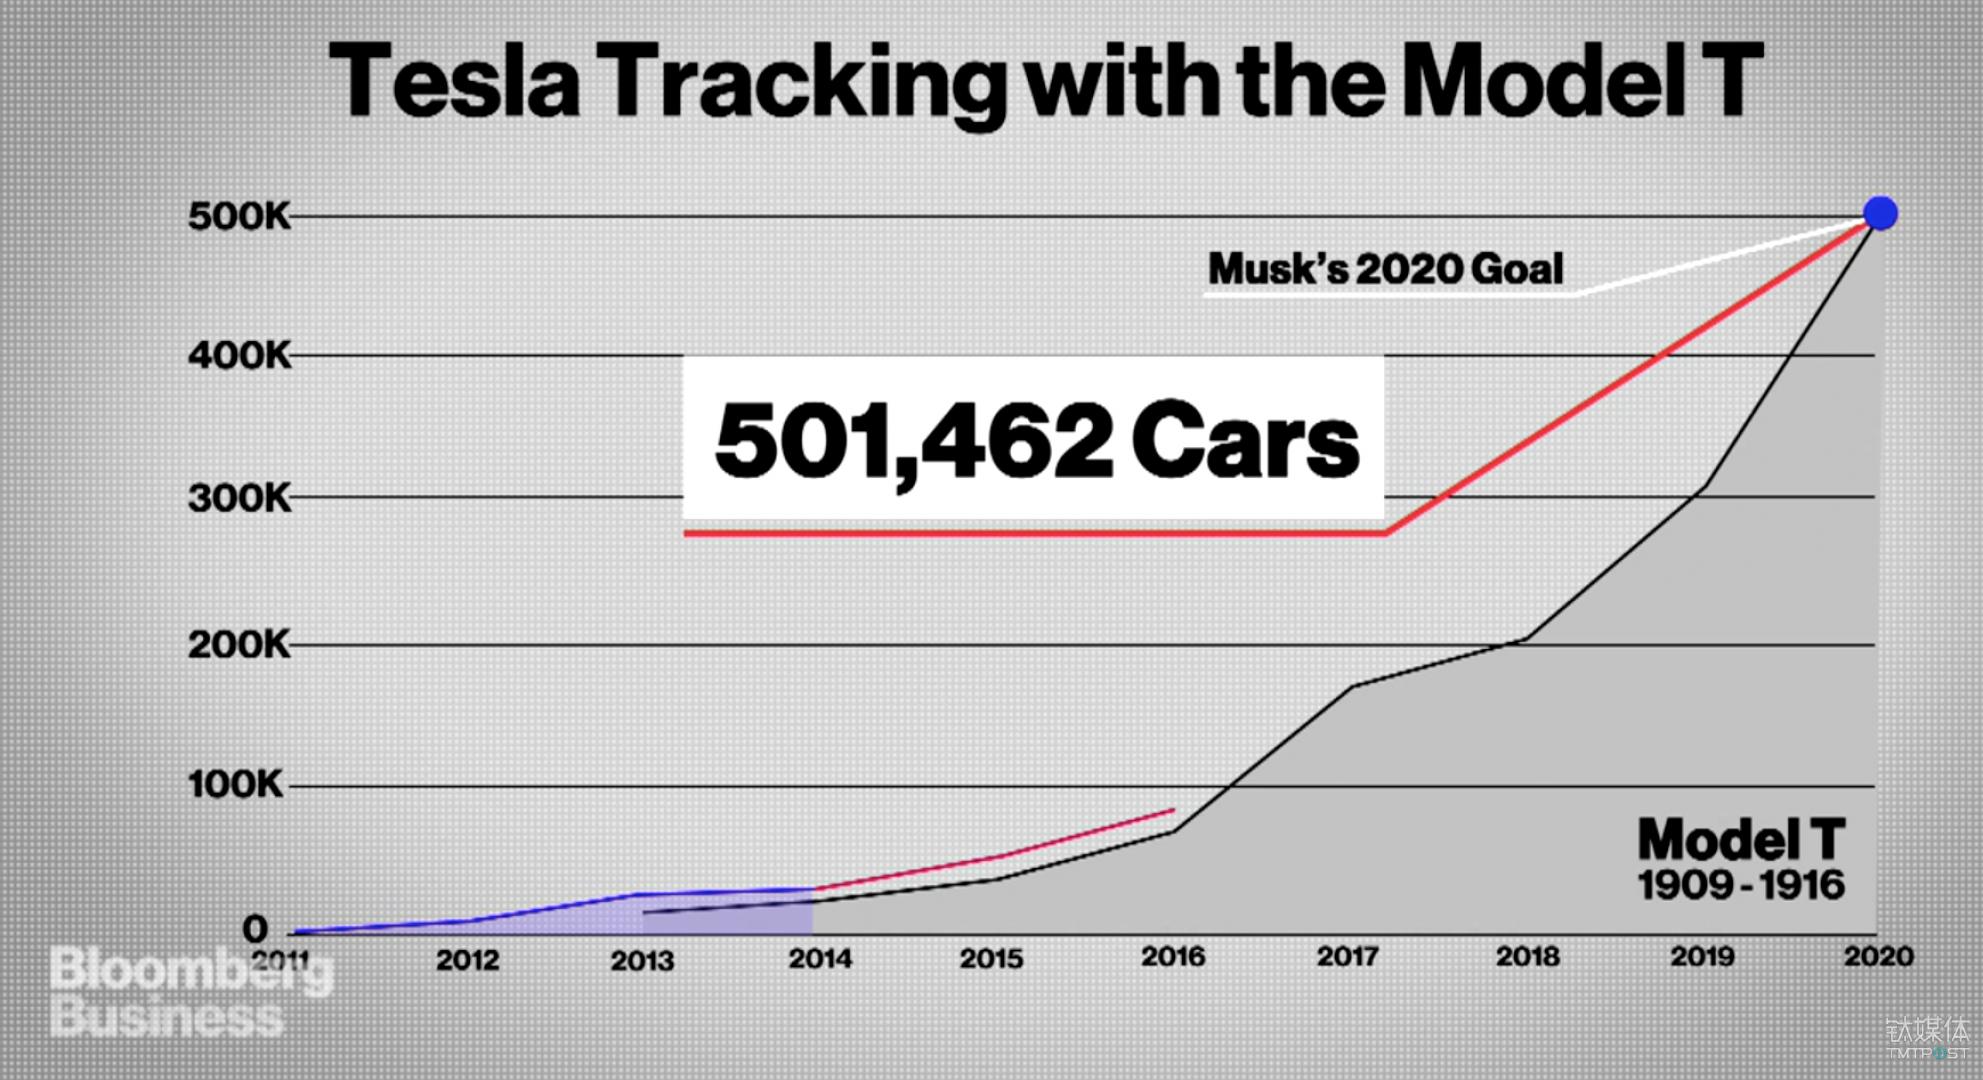 特斯拉和福特的 Model T 的生产增长比较 来源:Bloomberg